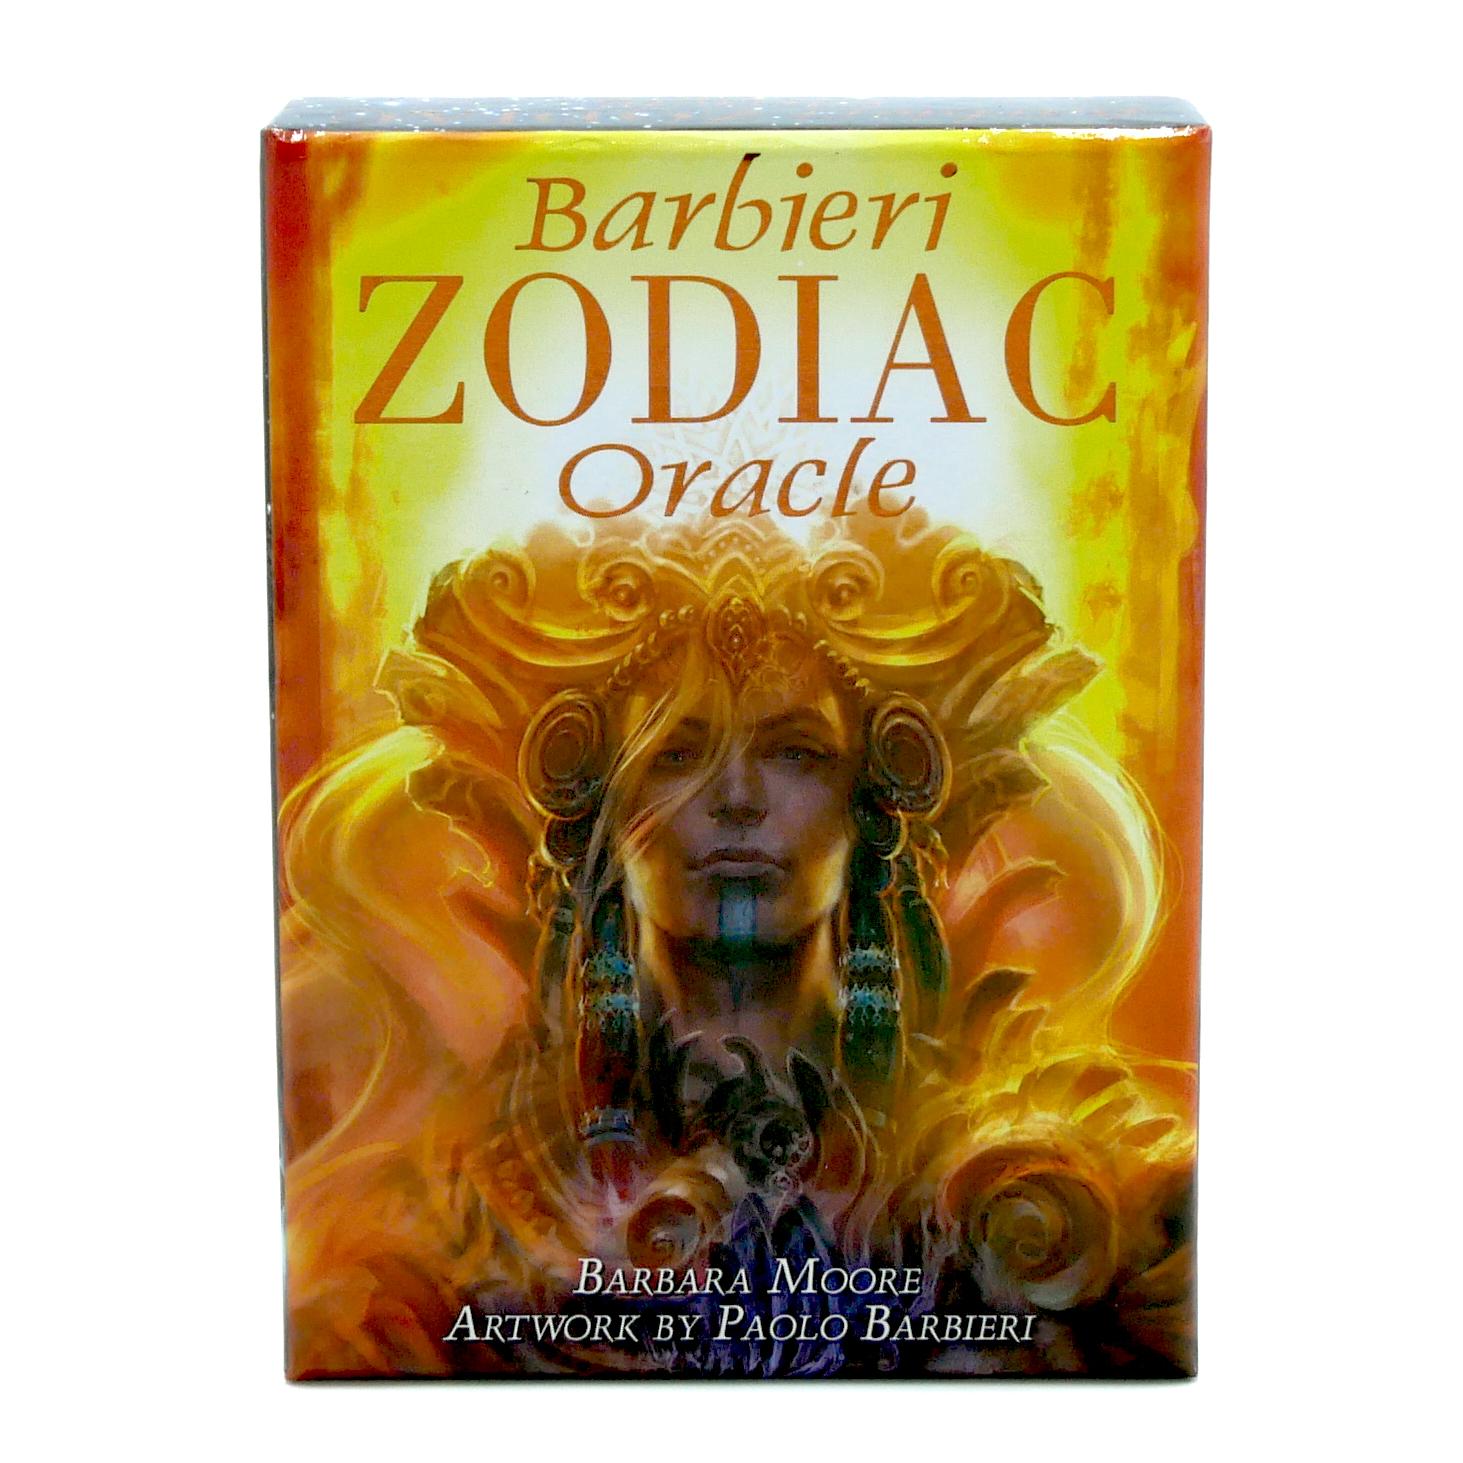 Oracle Barbieri Zodiaque Image